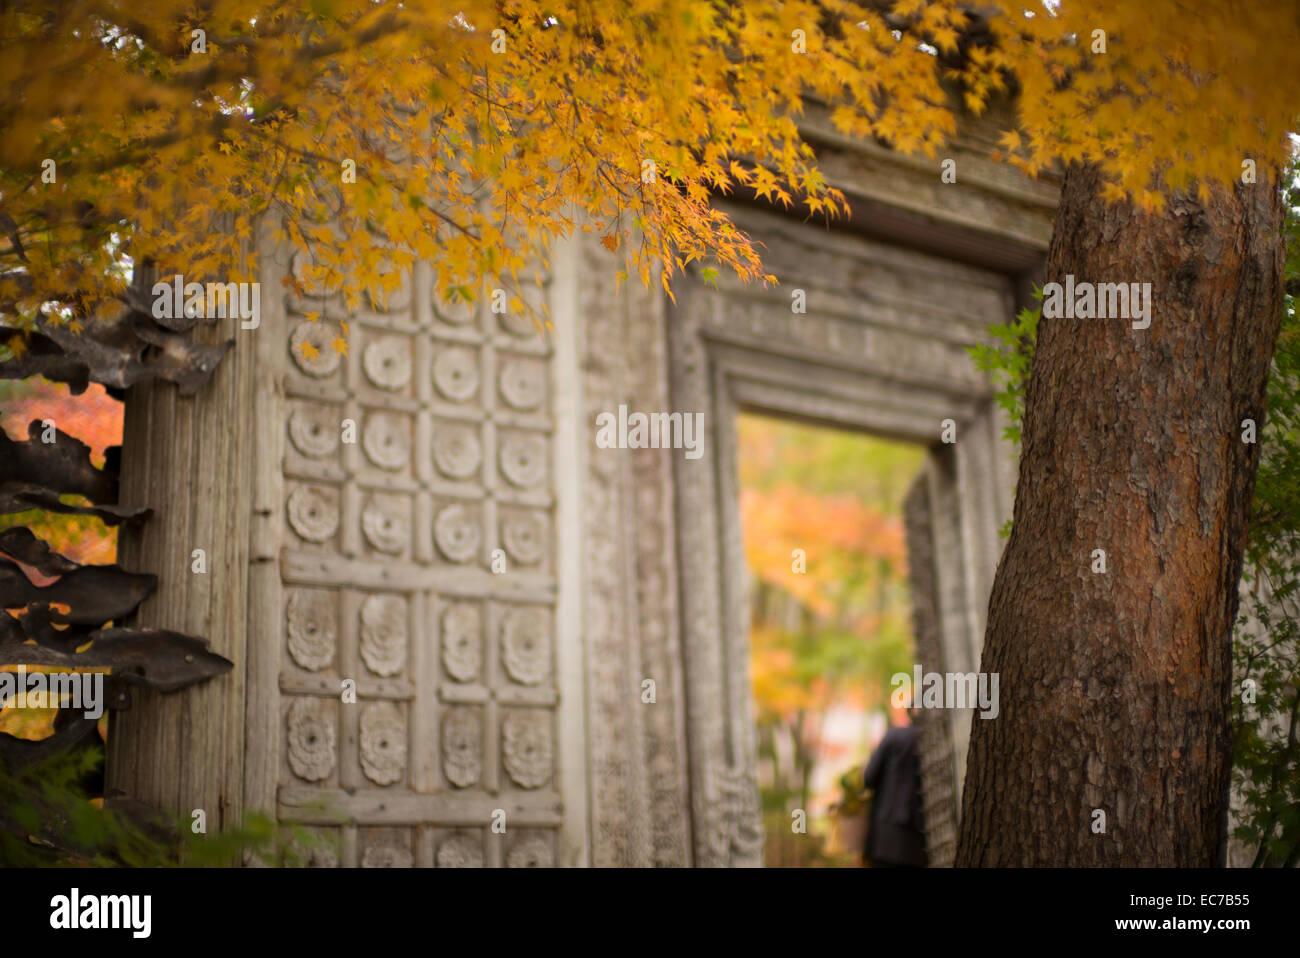 Japanese Garden Entrance Stock Photos & Japanese Garden Entrance ...